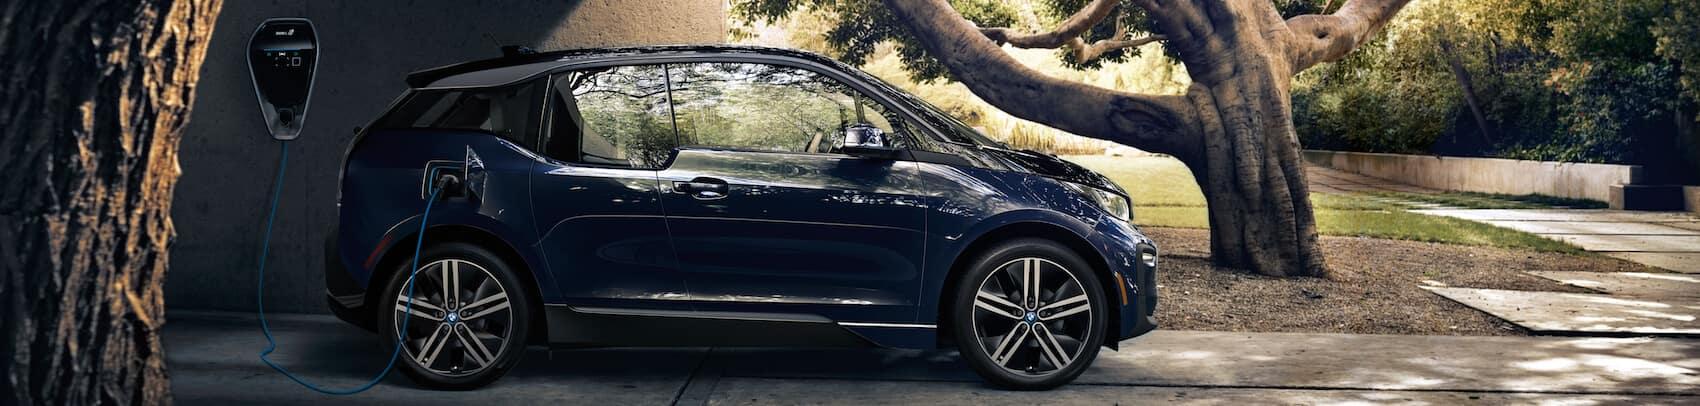 2020 BMW i3 model Hilton Head, SC